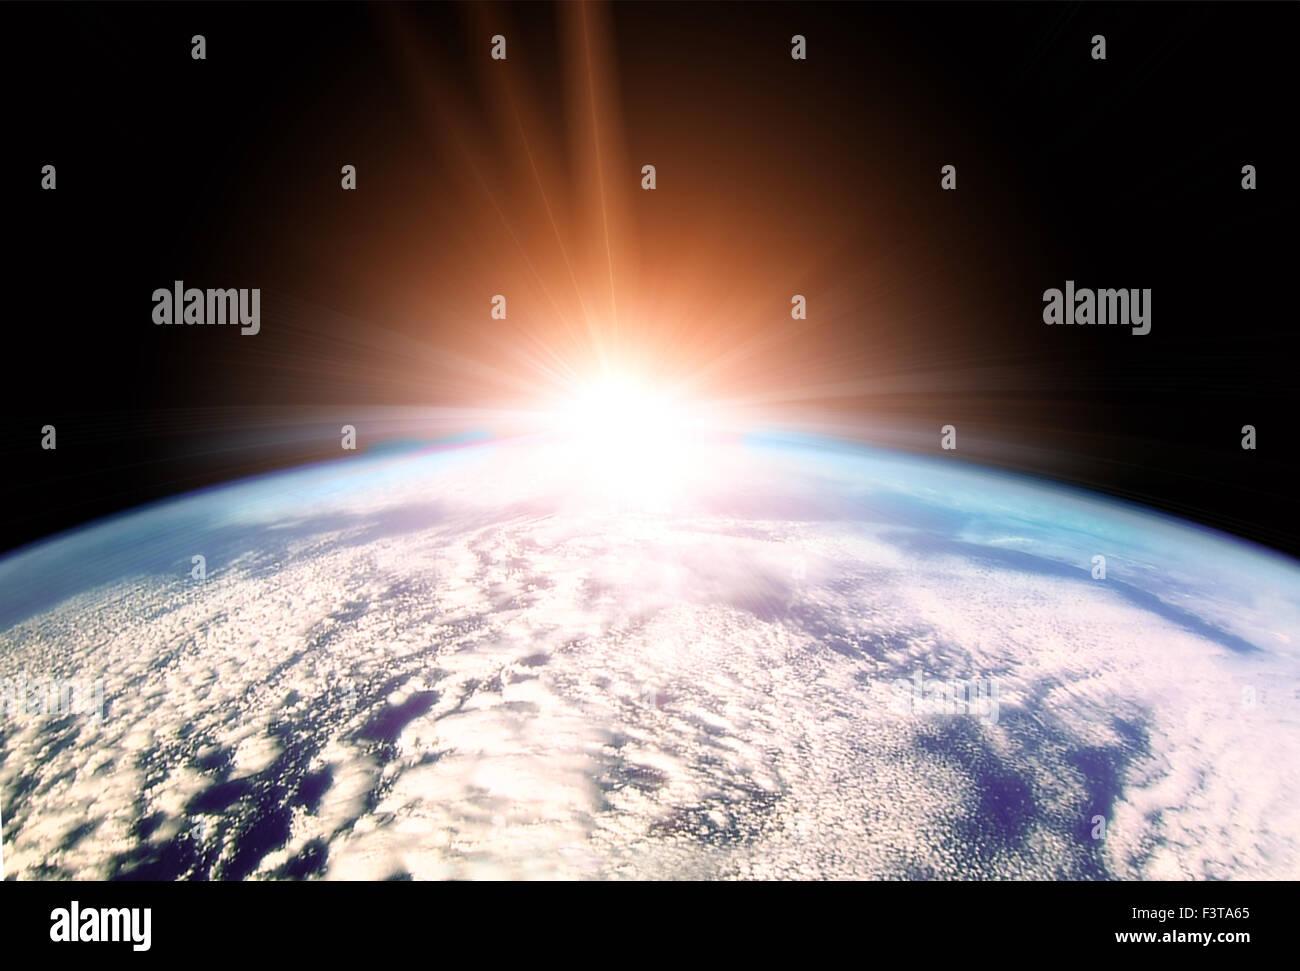 Illustration der aufgehenden Sonne über den Horizont der Erde Stockbild